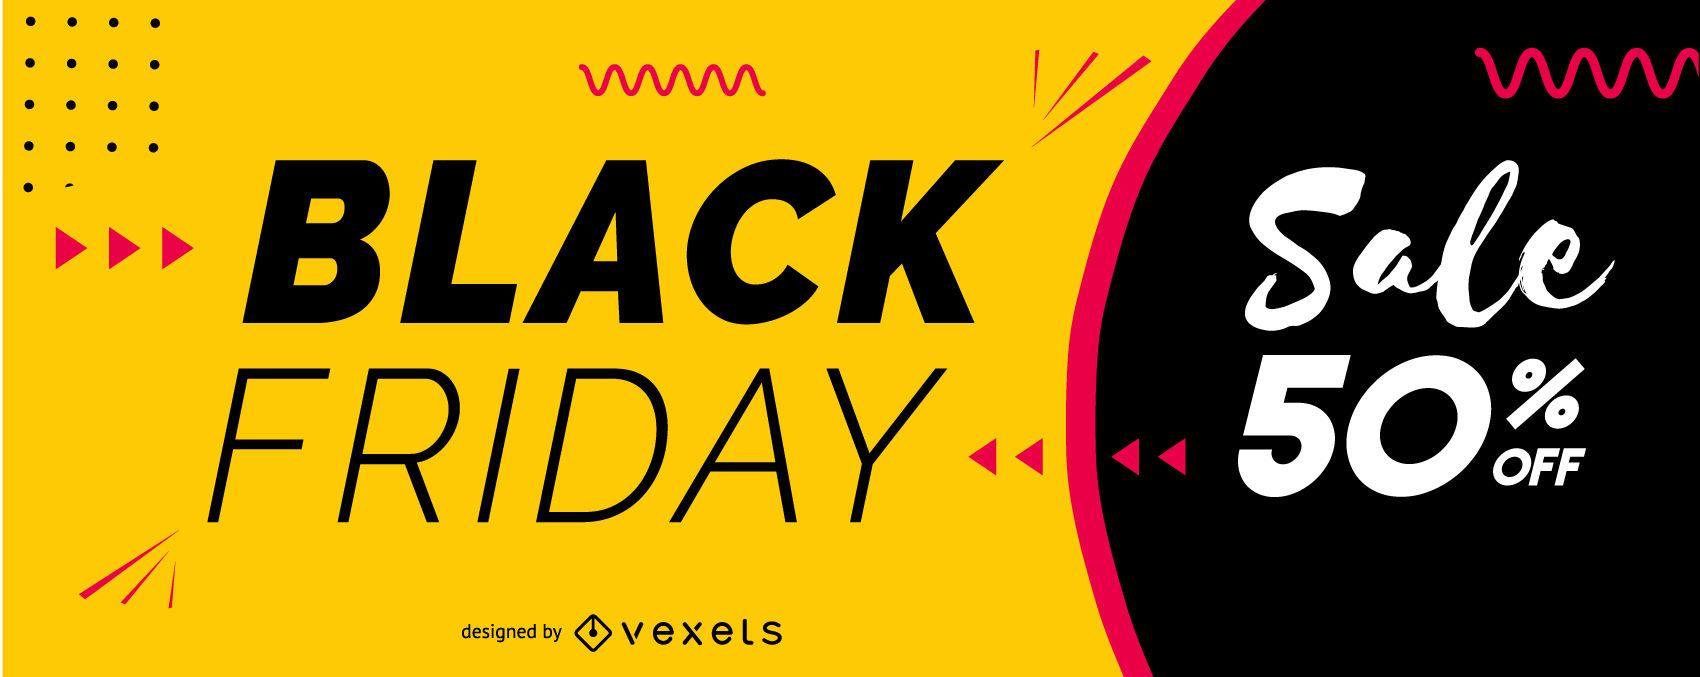 Black friday sale slider design